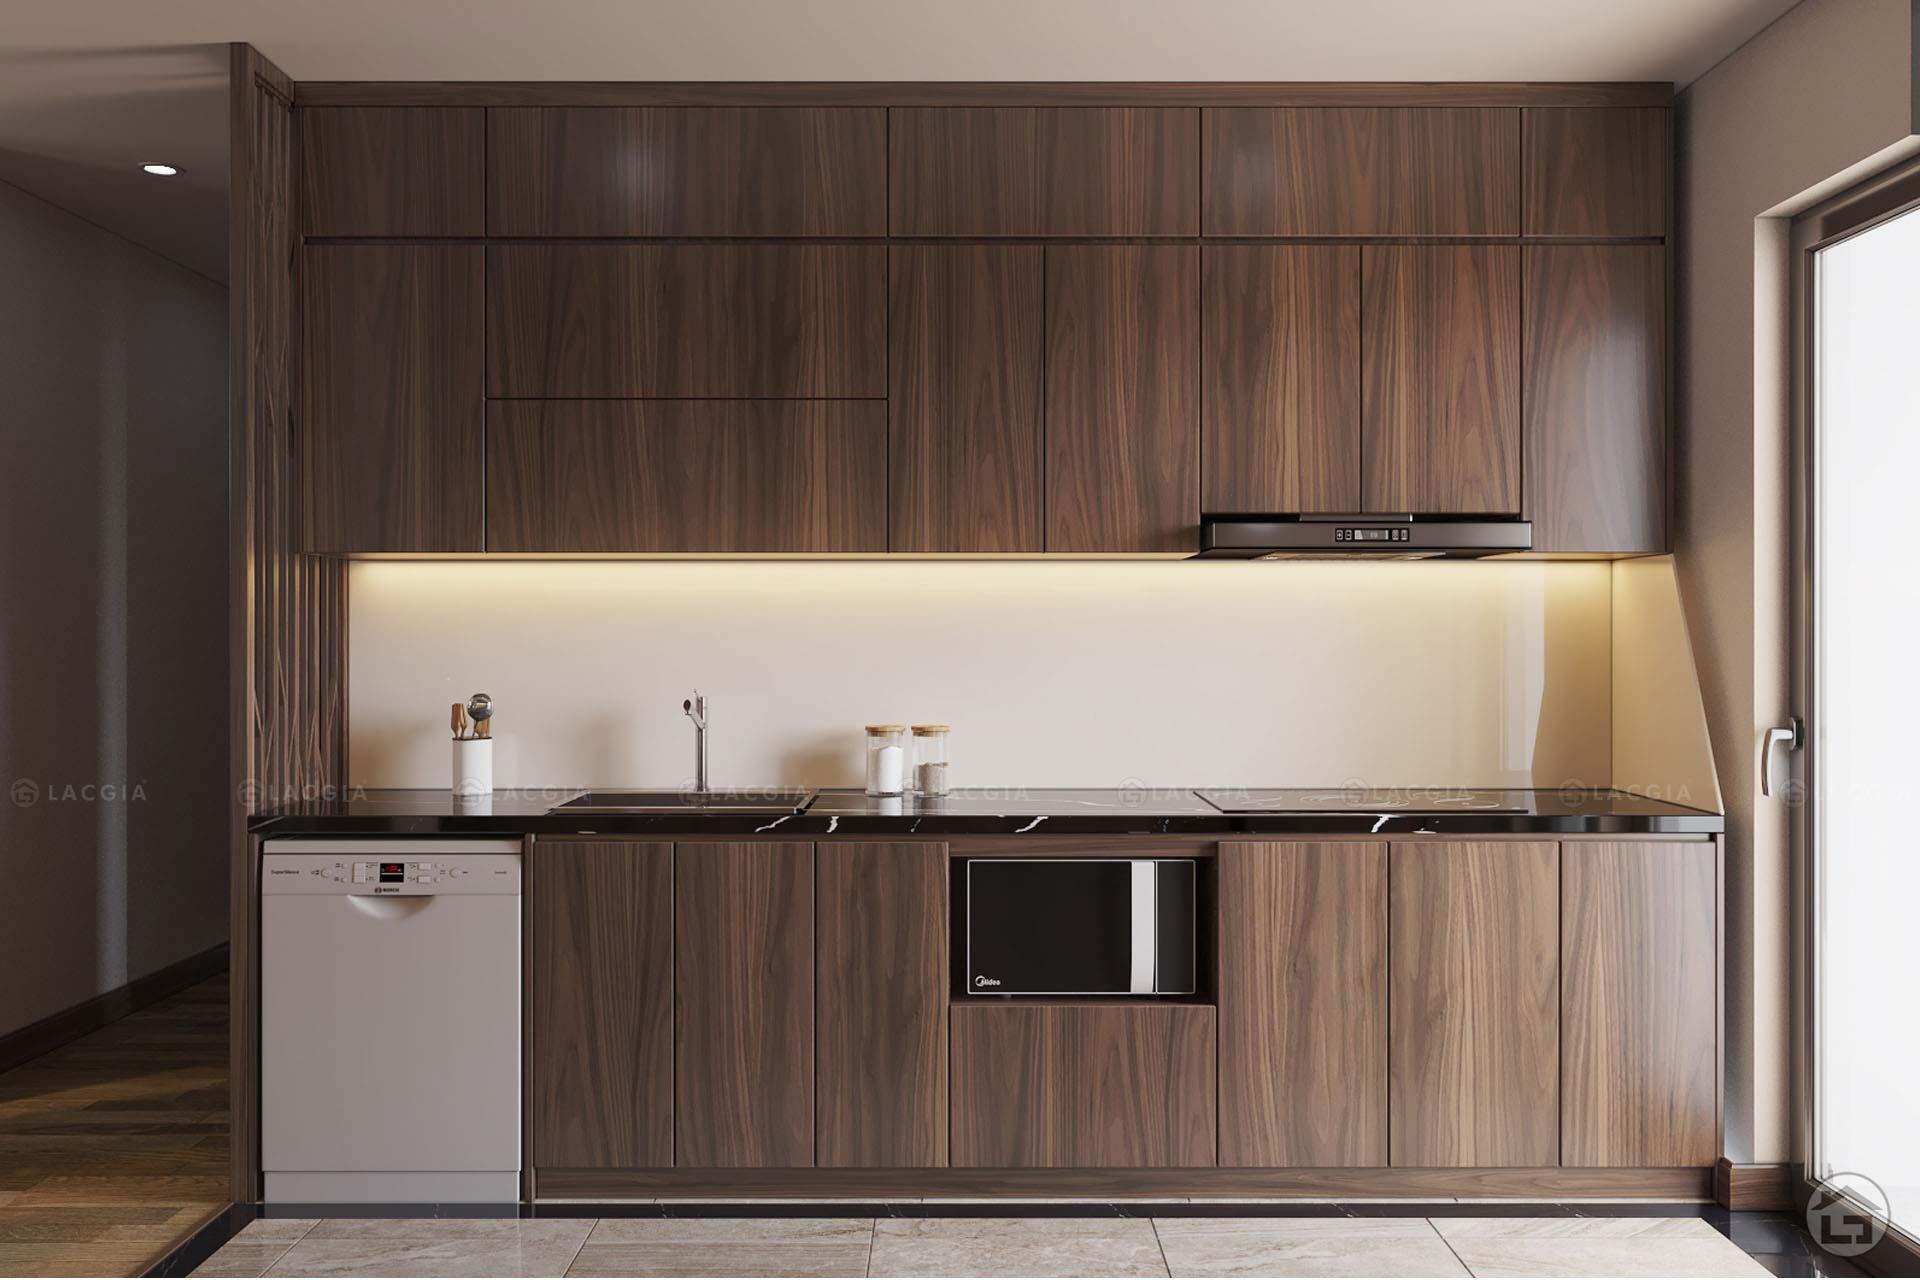 Nội Thất Lạc Gia – Địa chỉ thiết kế căn hộ 3 phòng ngủ uy tín